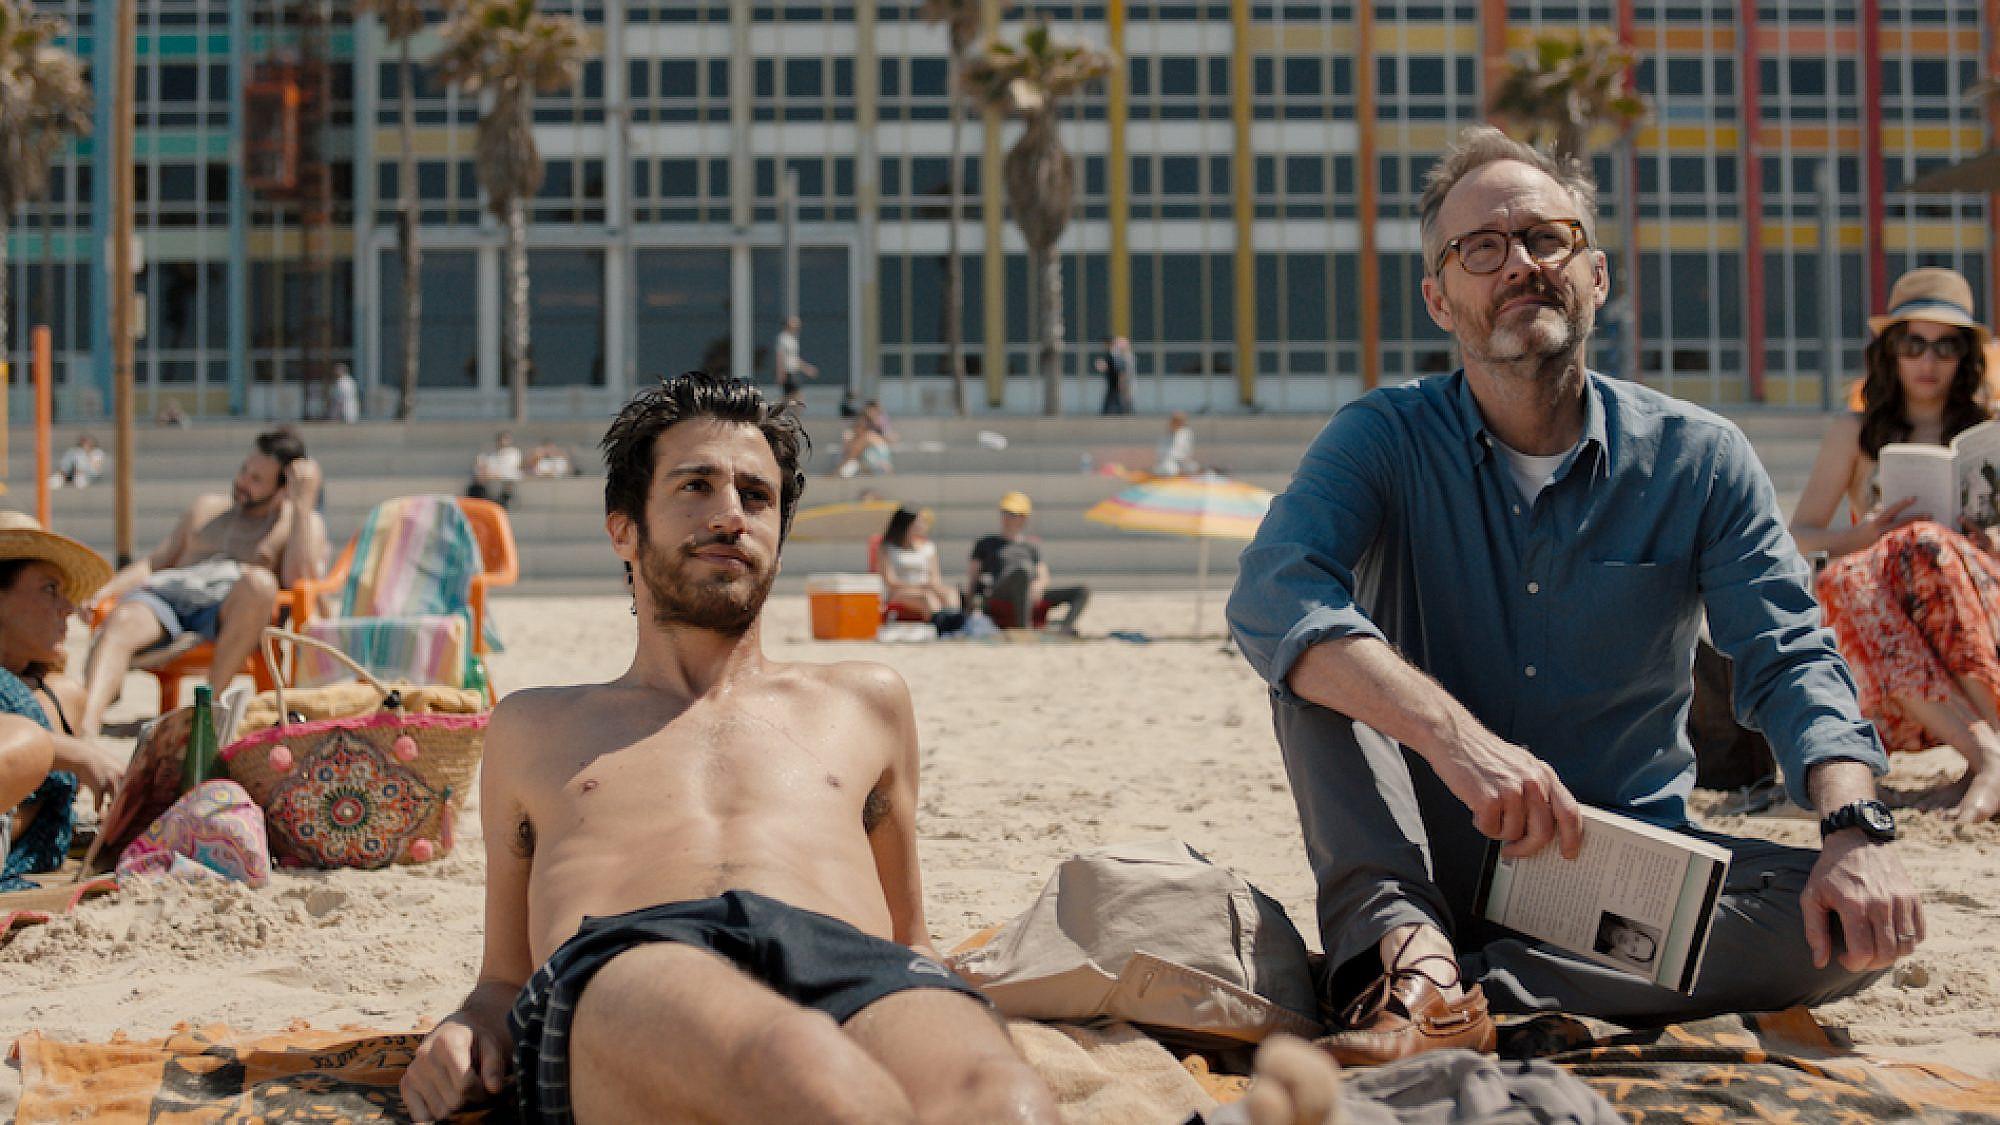 """סרטים שאוהבים את תל אביב. """"סאבלט"""" (צילום: יחסי ציבור)"""